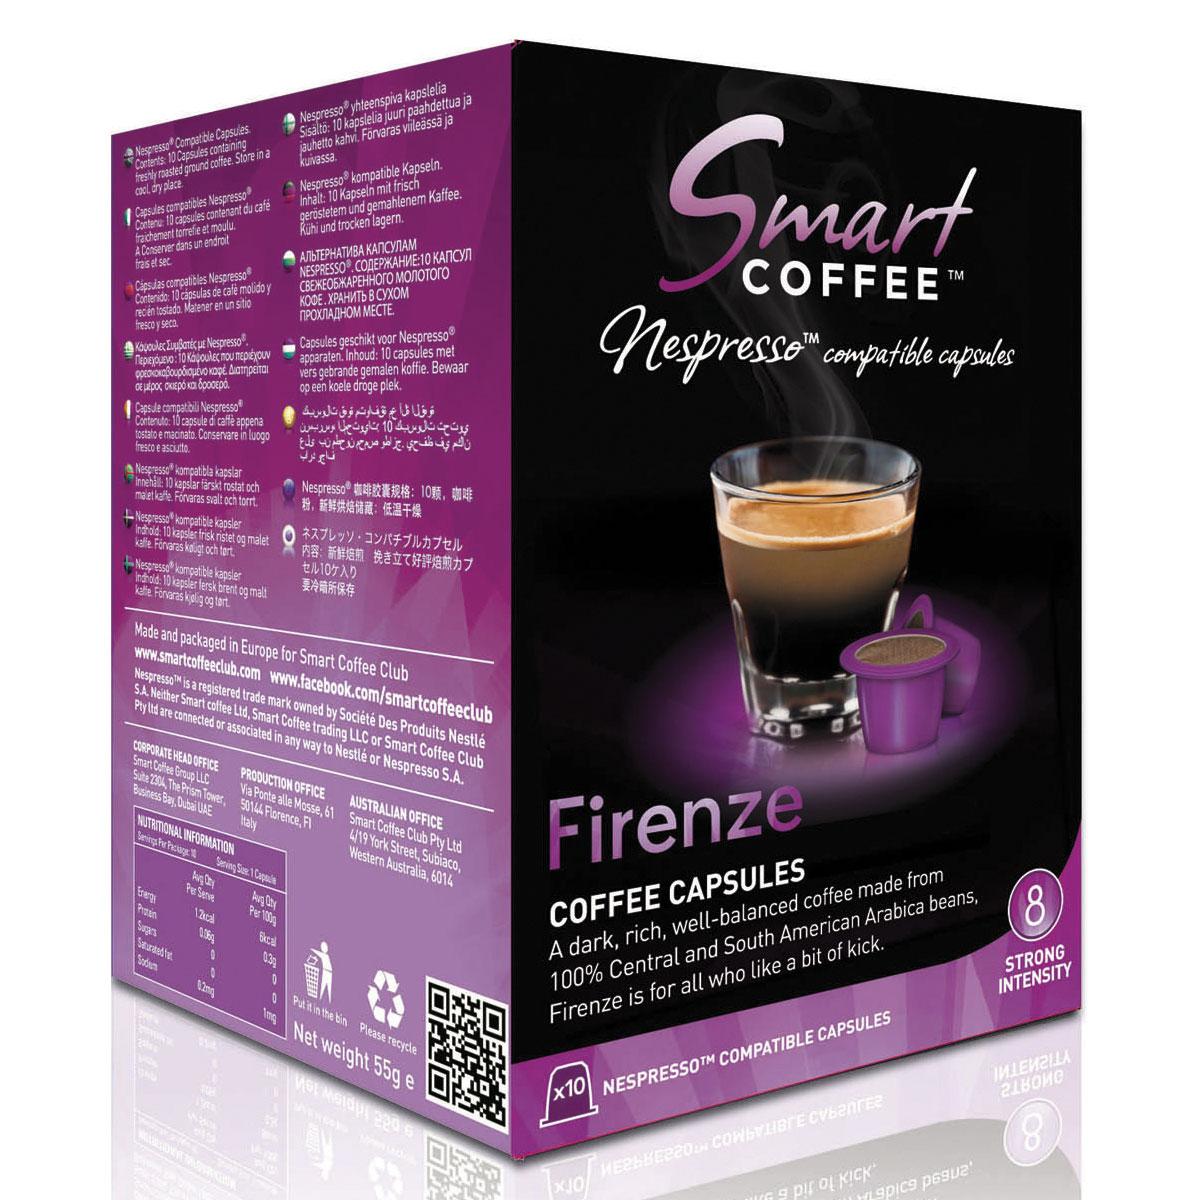 Smart Coffee Club Firenze кофе в капсулах (индивидуальная упаковка)5573063222115Натуральный жареный молотый кофе Smart Coffee Club Firenze высшего сорта в капсулах. Насыщенный, хорошо сбалансированный кофе из арабики Центральной и Южной Америки. Для тех, кто любит кофе с плотным вкусом и небольшой горчинкой.